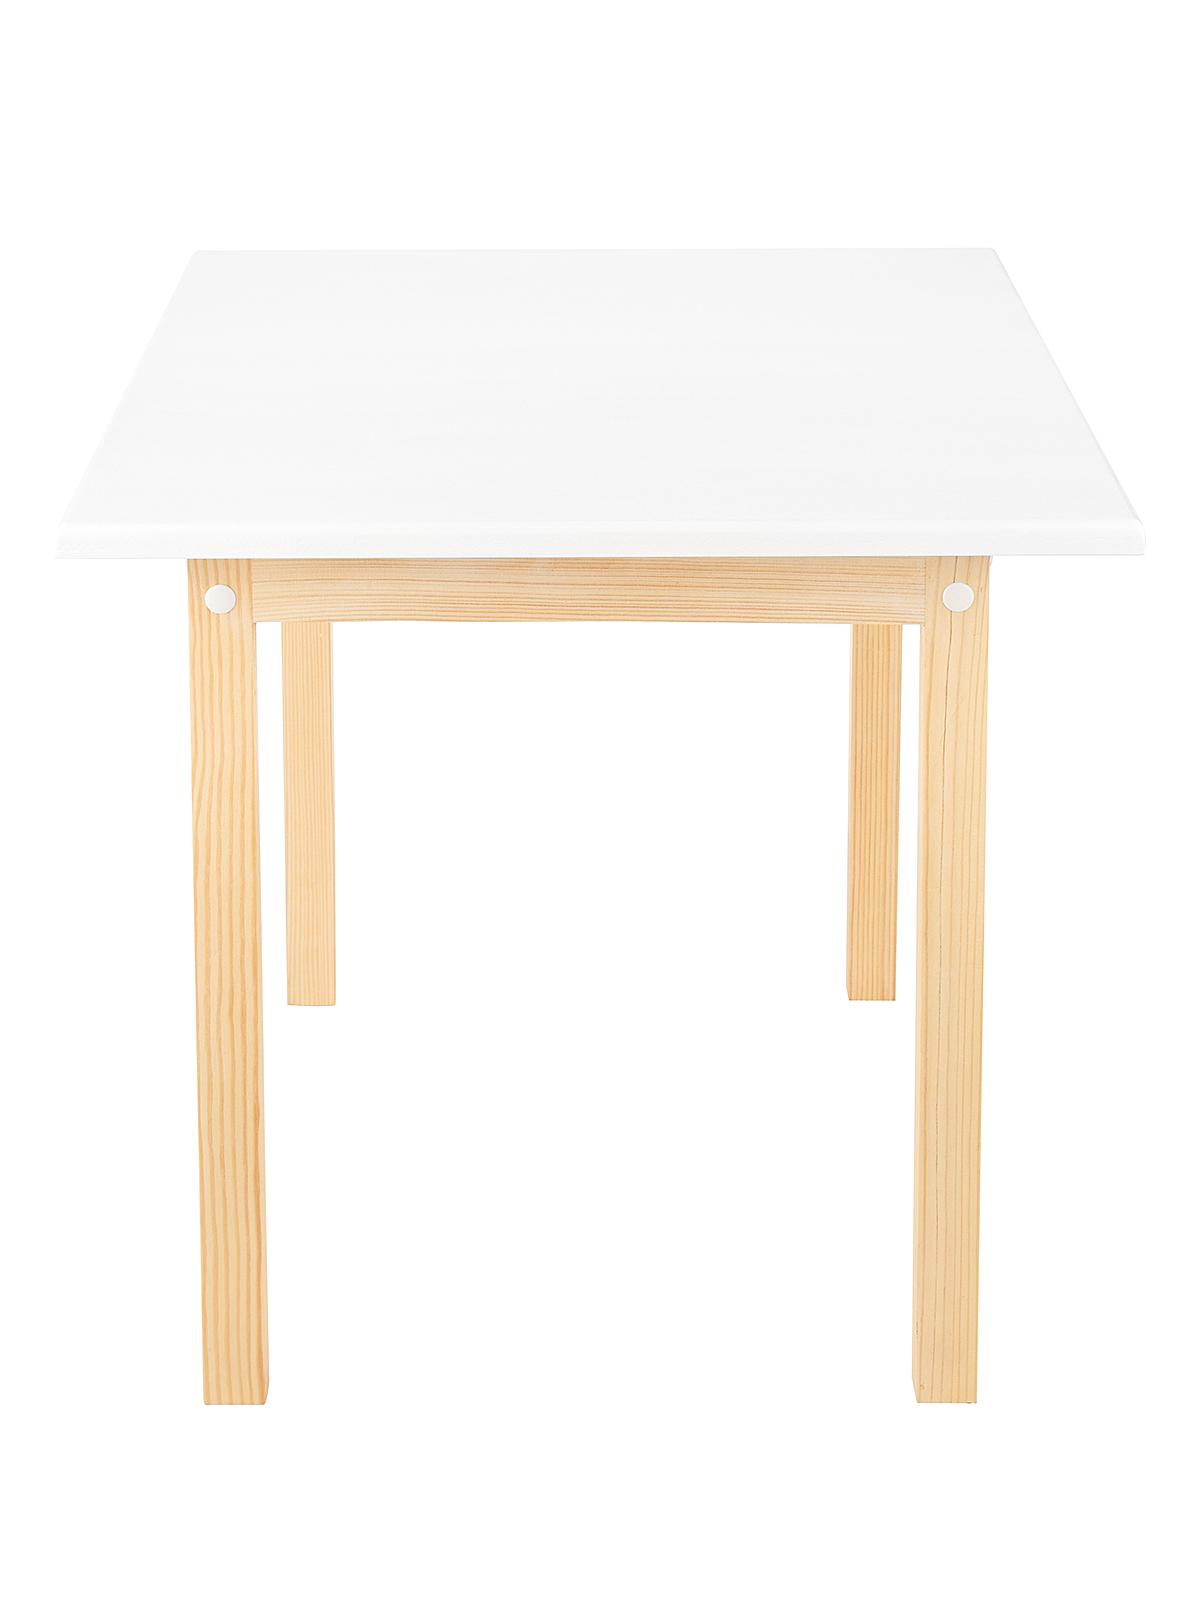 Стол детский KETT-UP ECO ODUVANCHIK (ОДУВАНЧИК) 50*60см, натур/белый, массив дерева